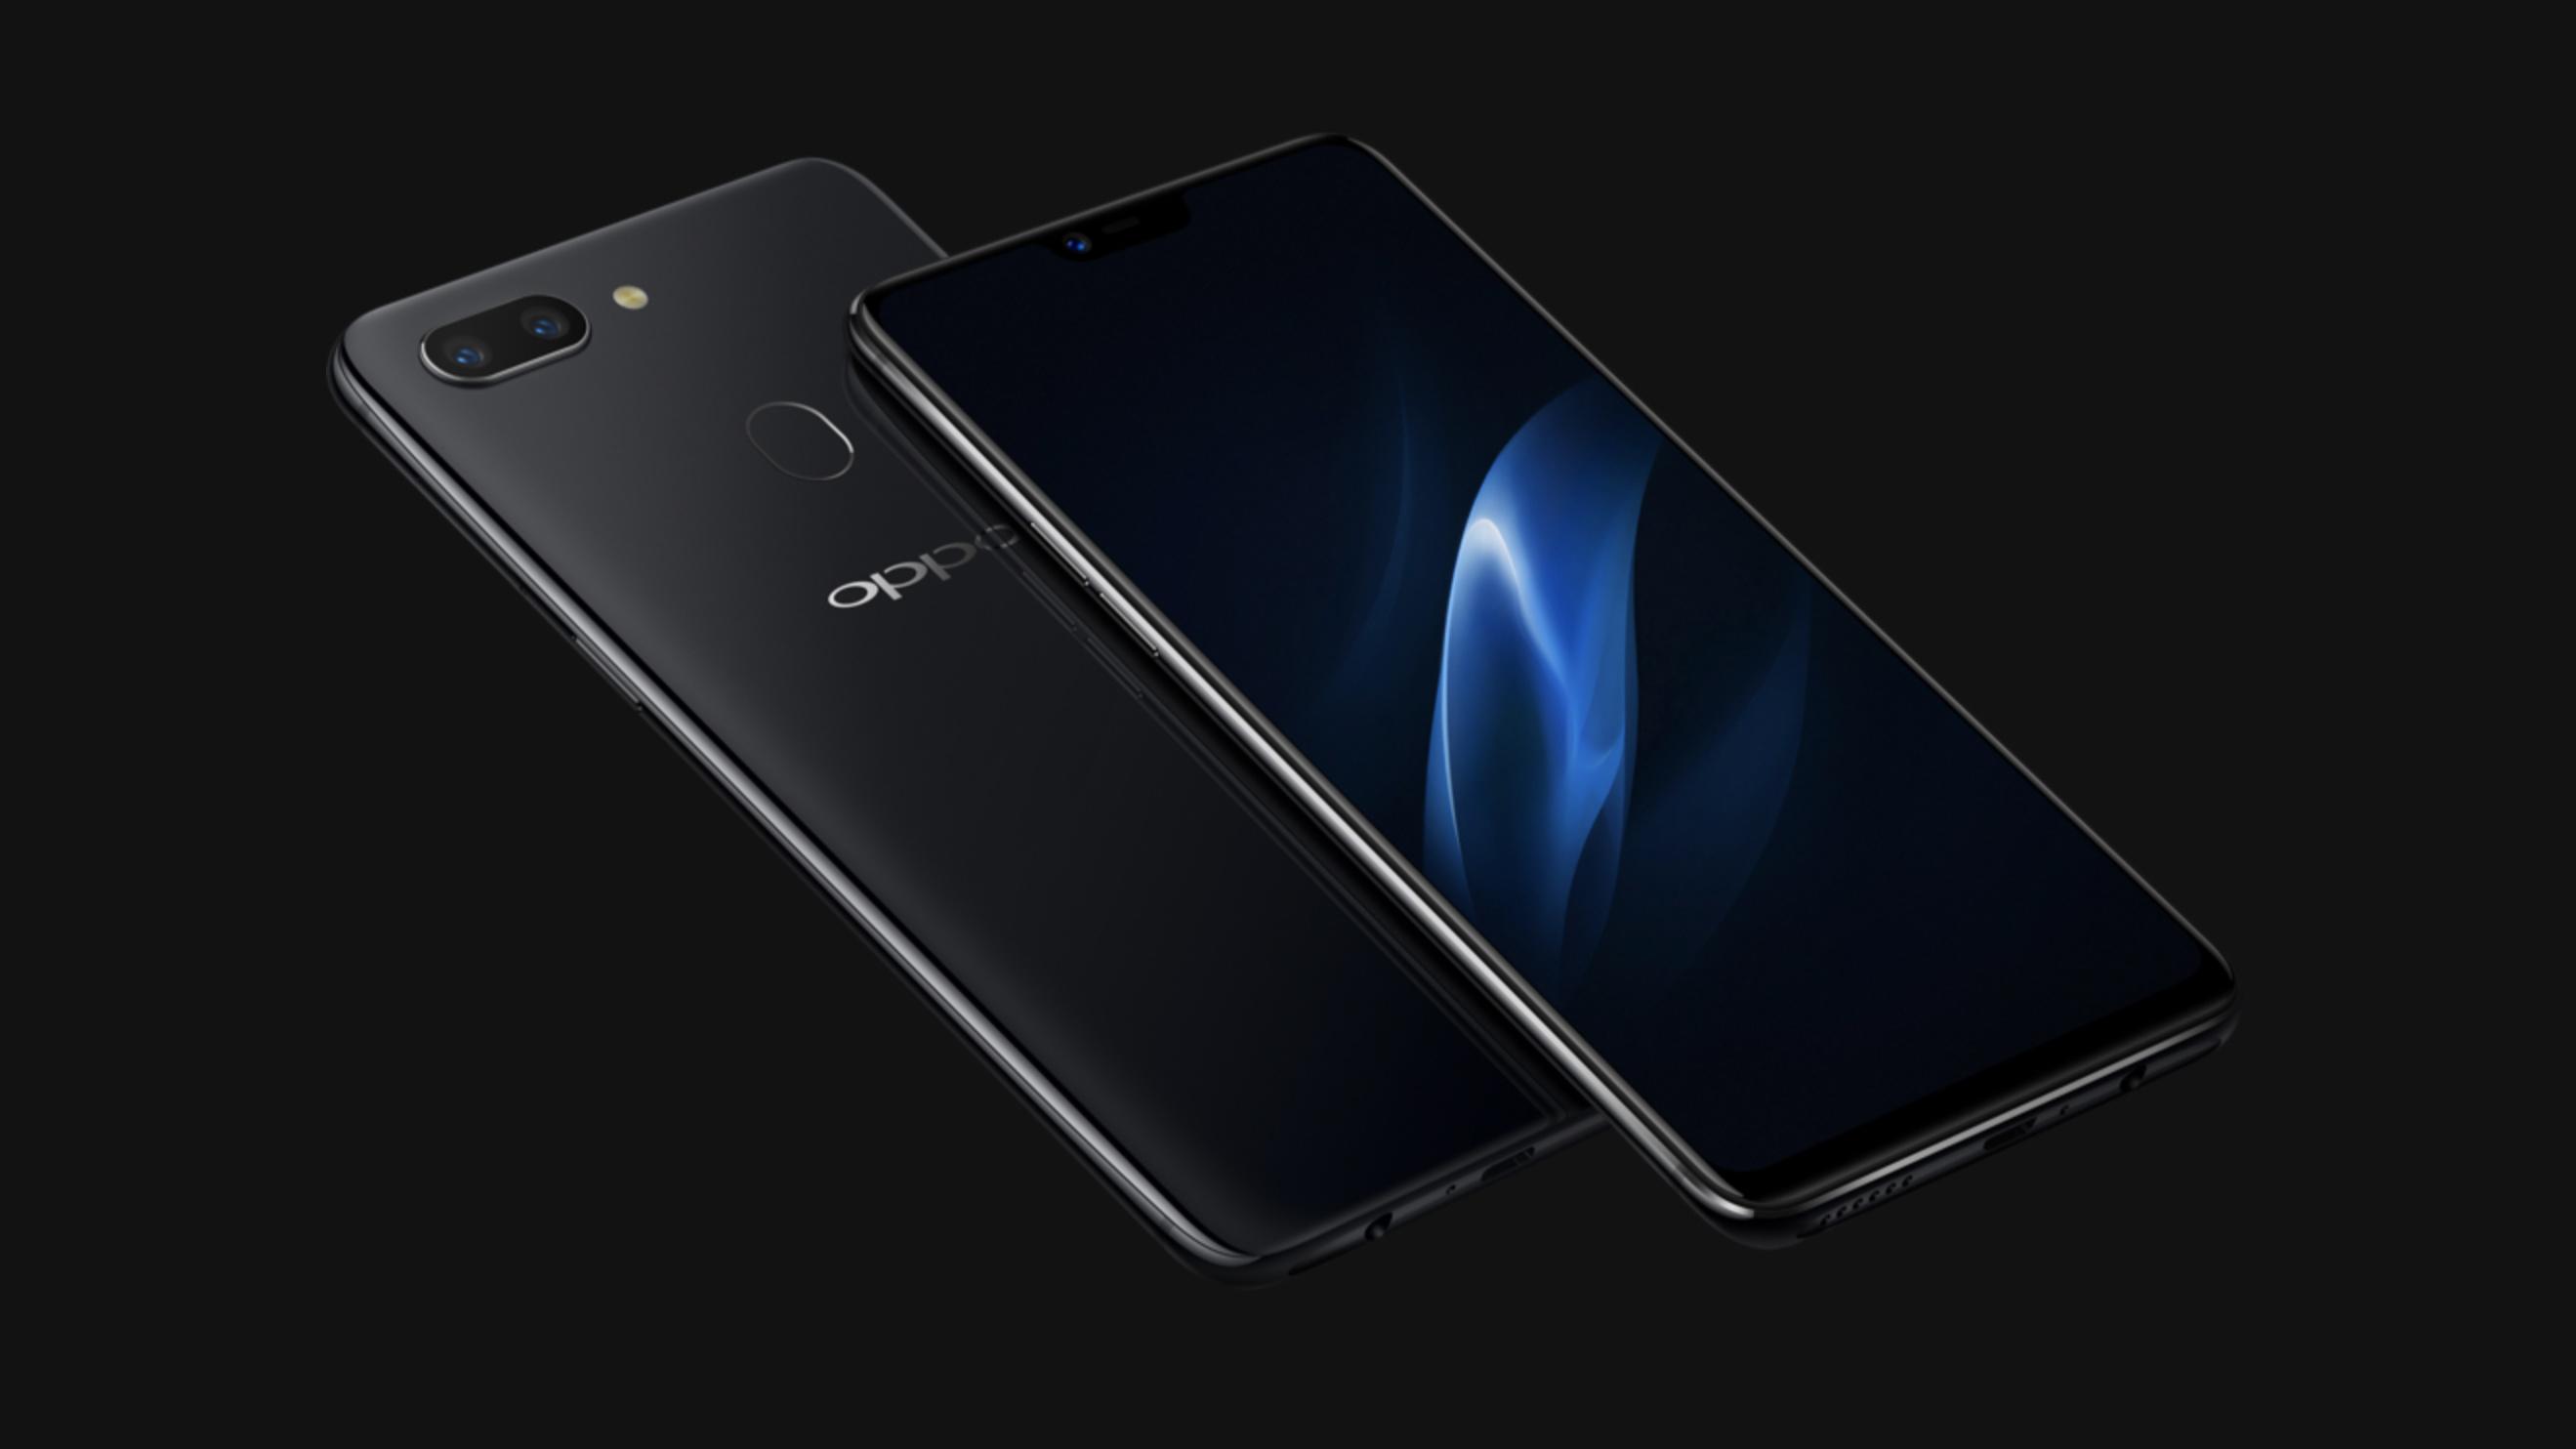 первые новинки Oppo 2018